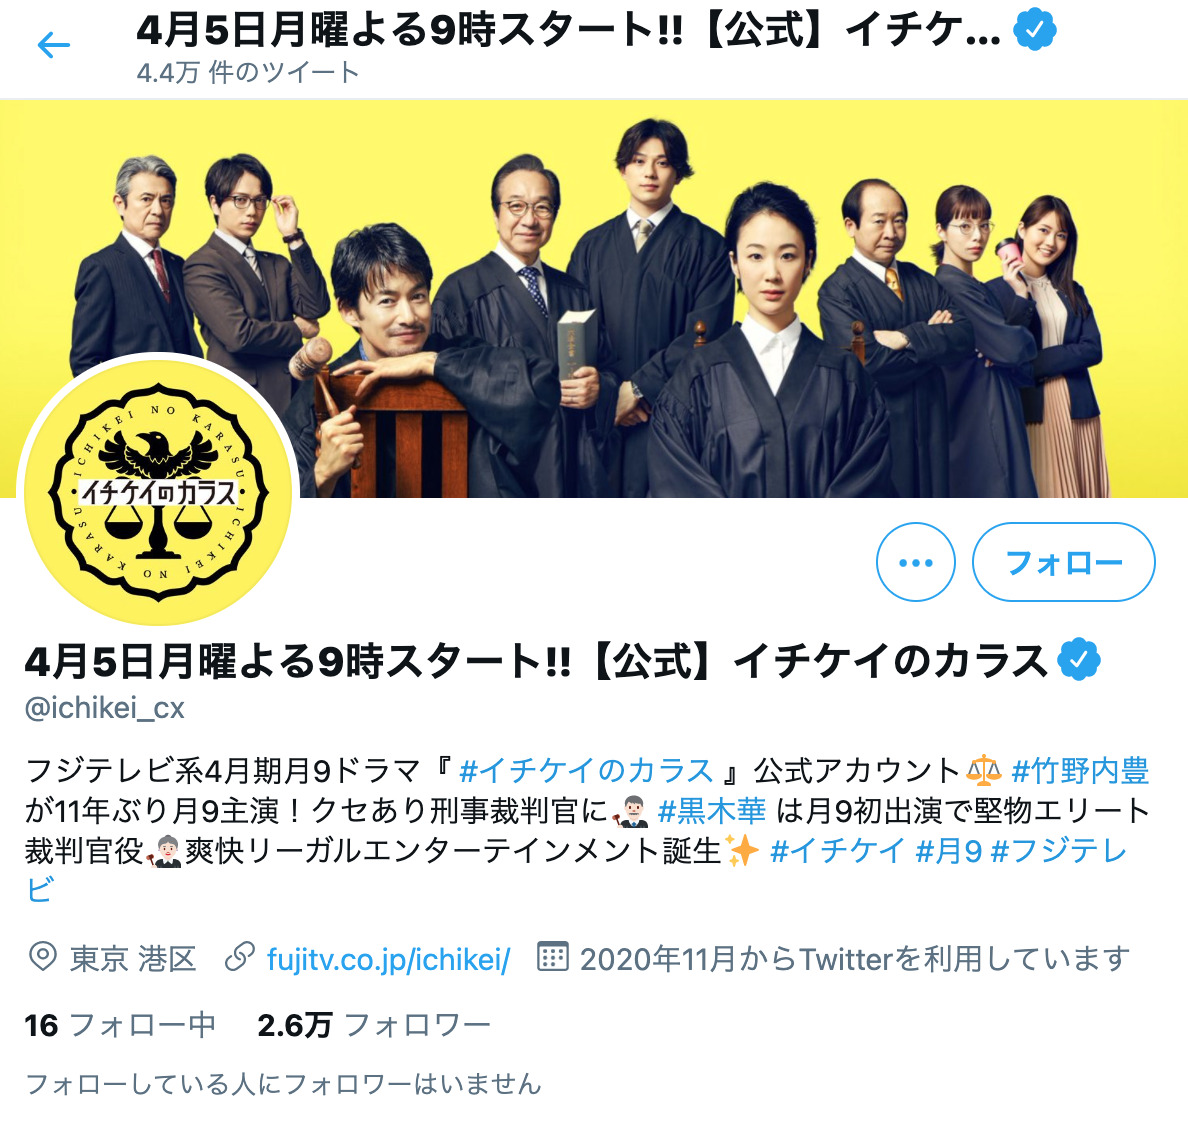 【イチケイのカラス】桜井ユキ熱愛は?結婚や彼氏の噂を調査!